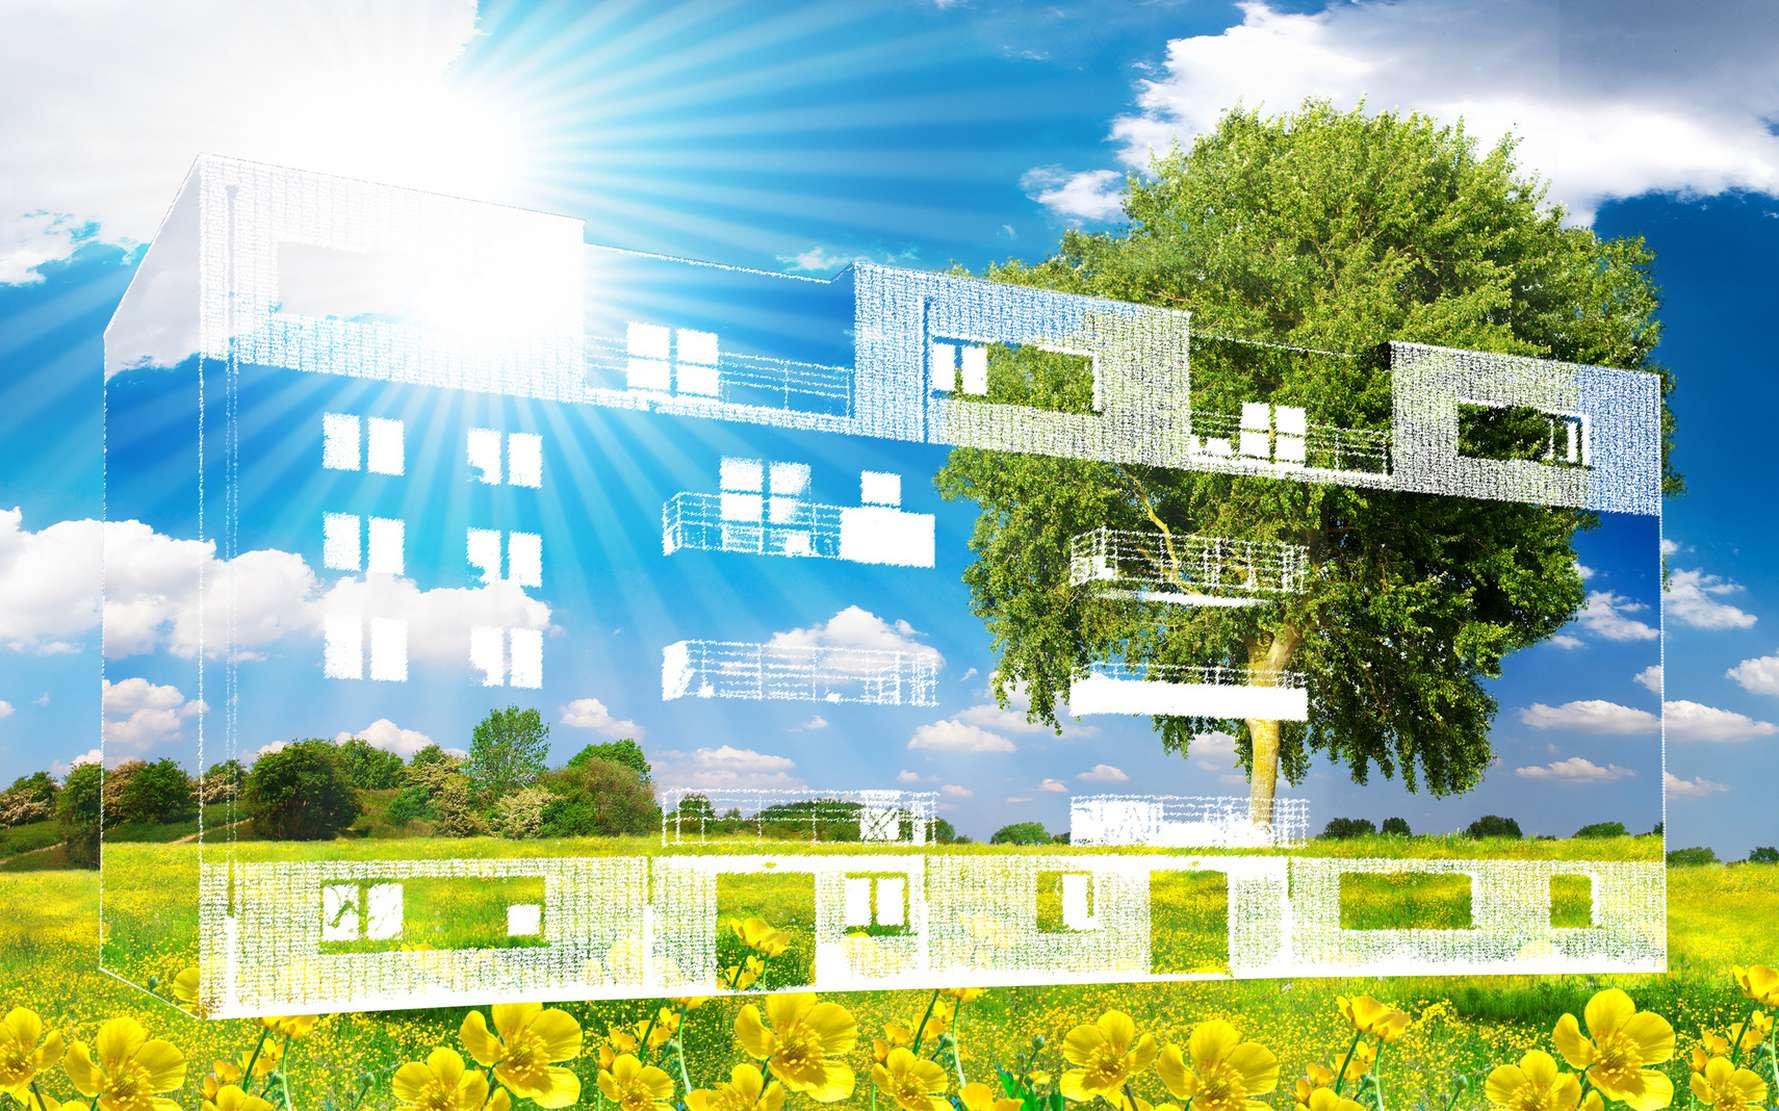 La startup Vesta System a créé « Vesta Energy », un algorithme pour piloter automatiquement les paramètres d'un bâtiment, permettant jusqu'à 15 % d'économies sur la facture d'électricité. © Lulu Berlu, Fotolia